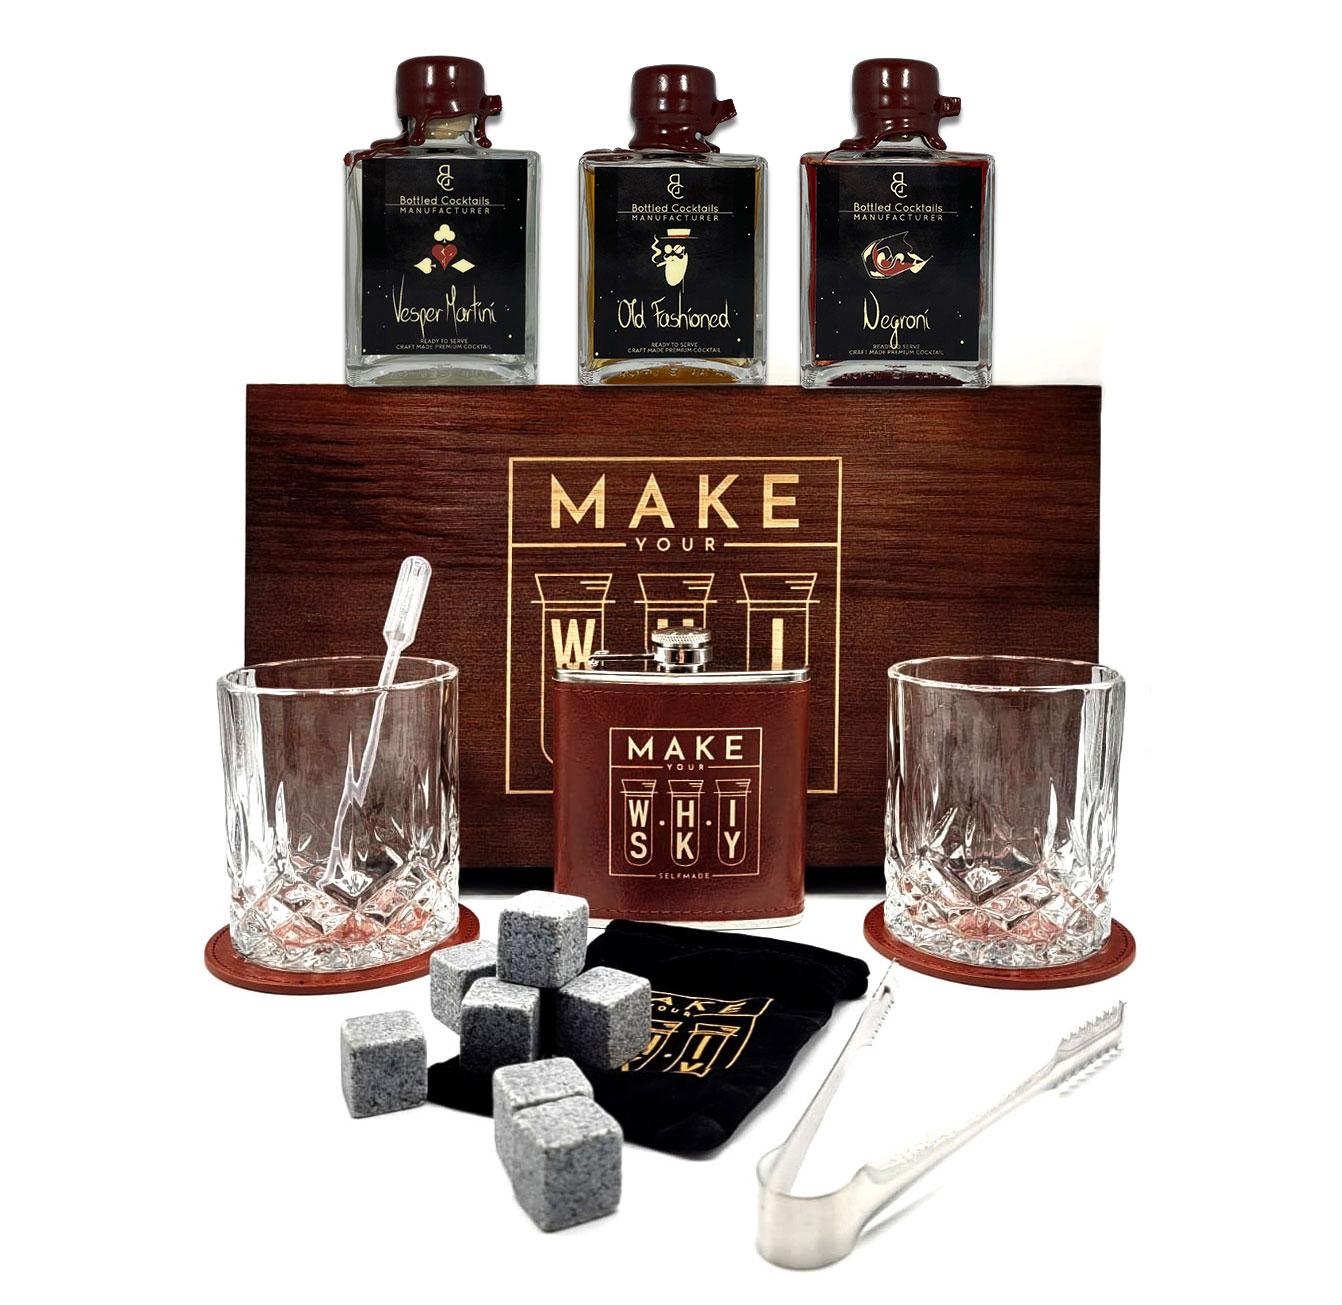 Make your Whisky Set Geschenkset in Holzbox mit 3er Set Fertigcocktails Negroni (24,13% Vol) Old Fashioned (23,96% Vol) Vesper Martini (24,13% Vol) je 100ml - [Enthält Sulfite]